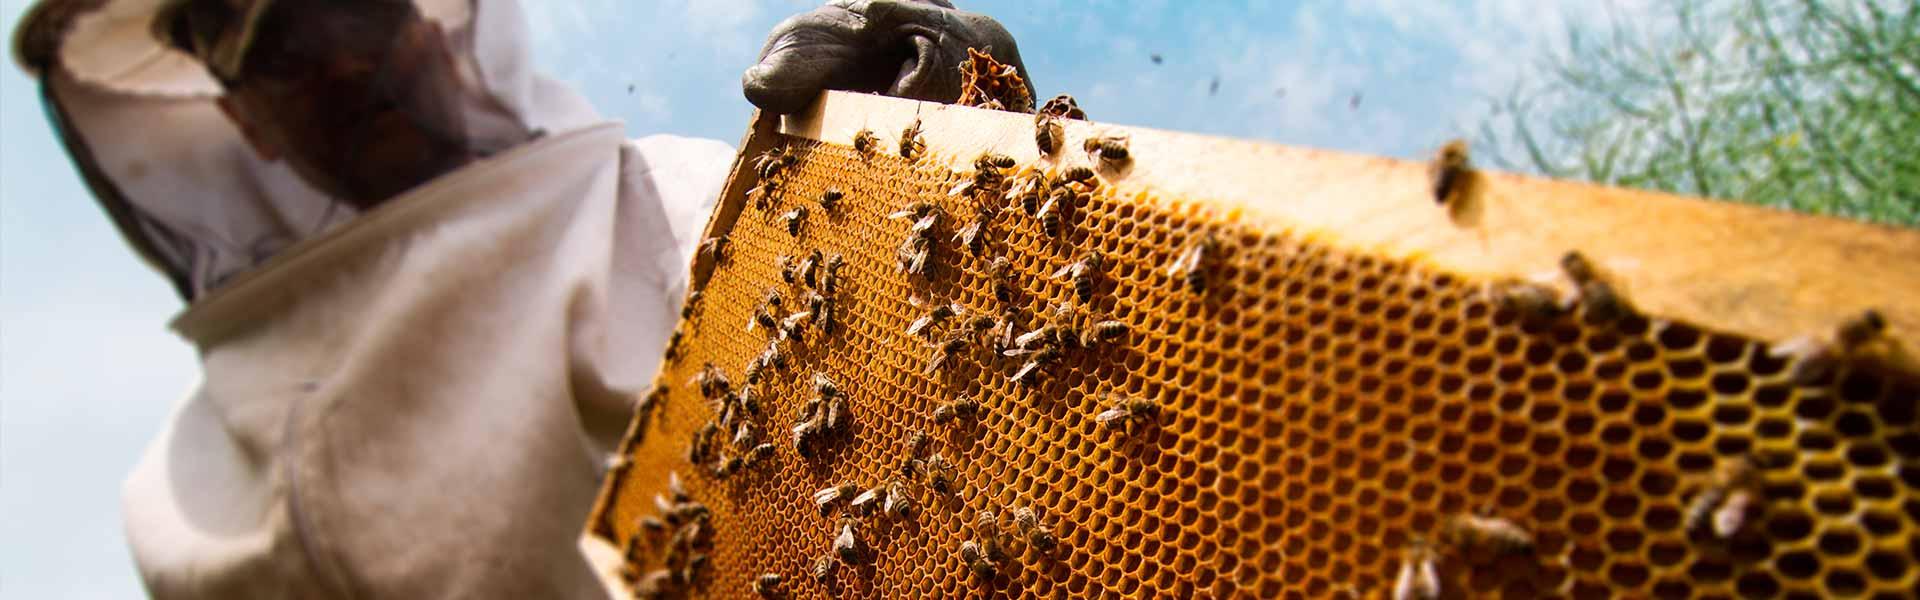 ТОП-5 пород пчел — преимущества и недостатки